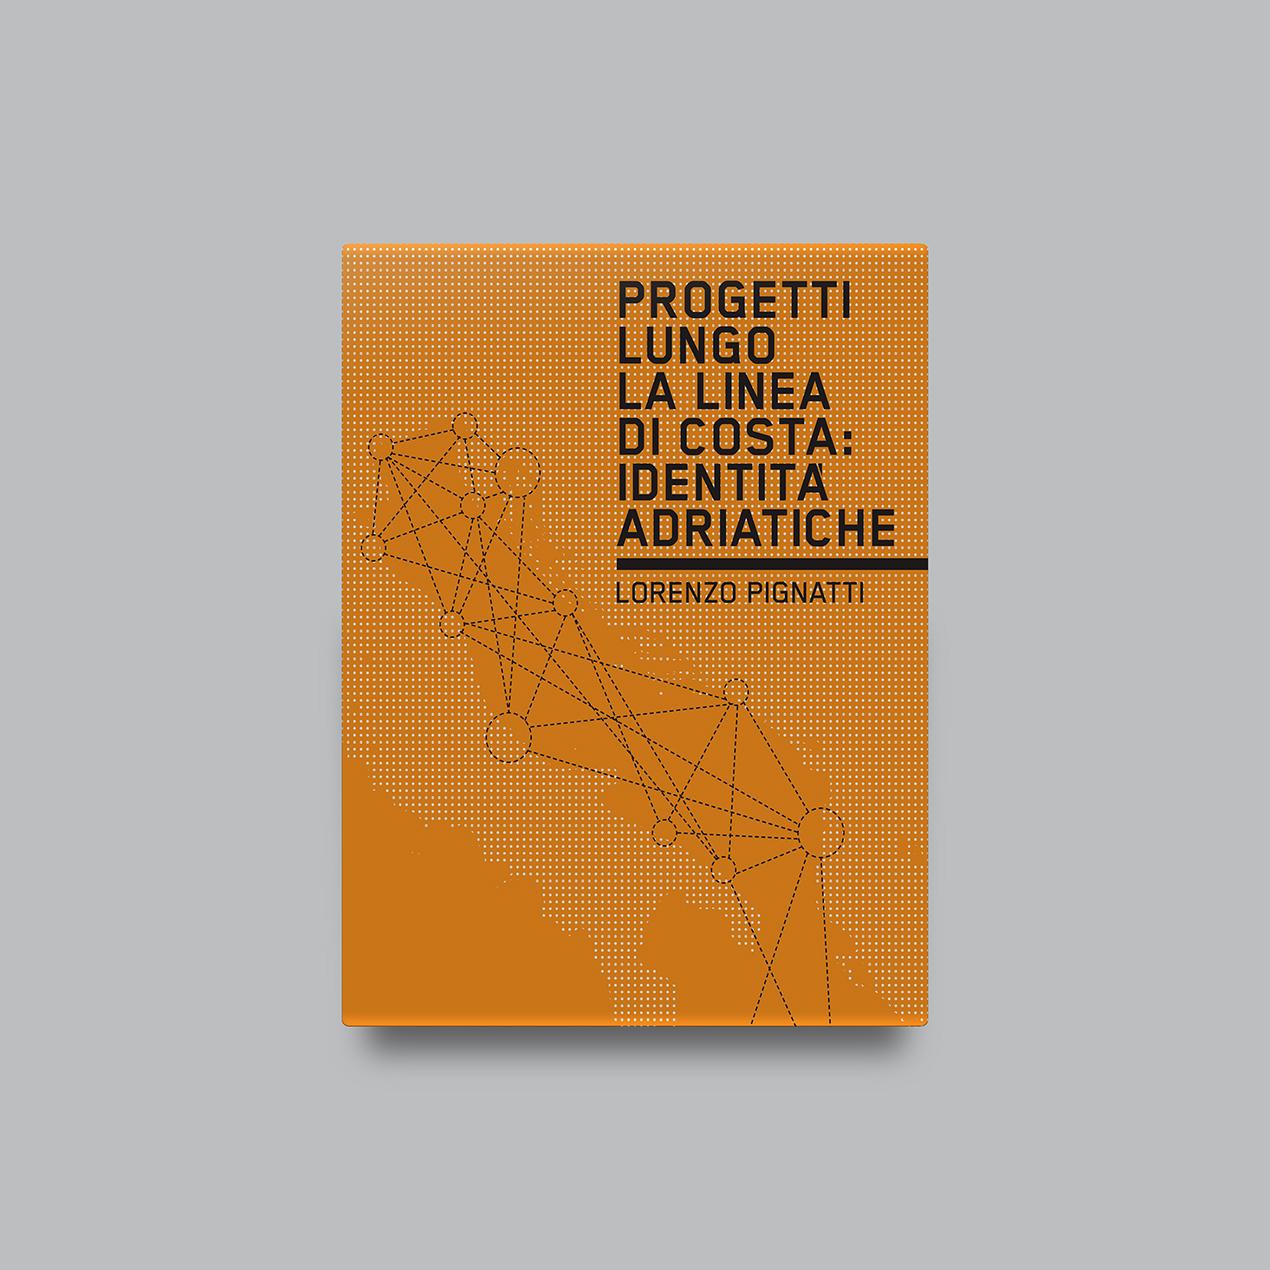 A book release -